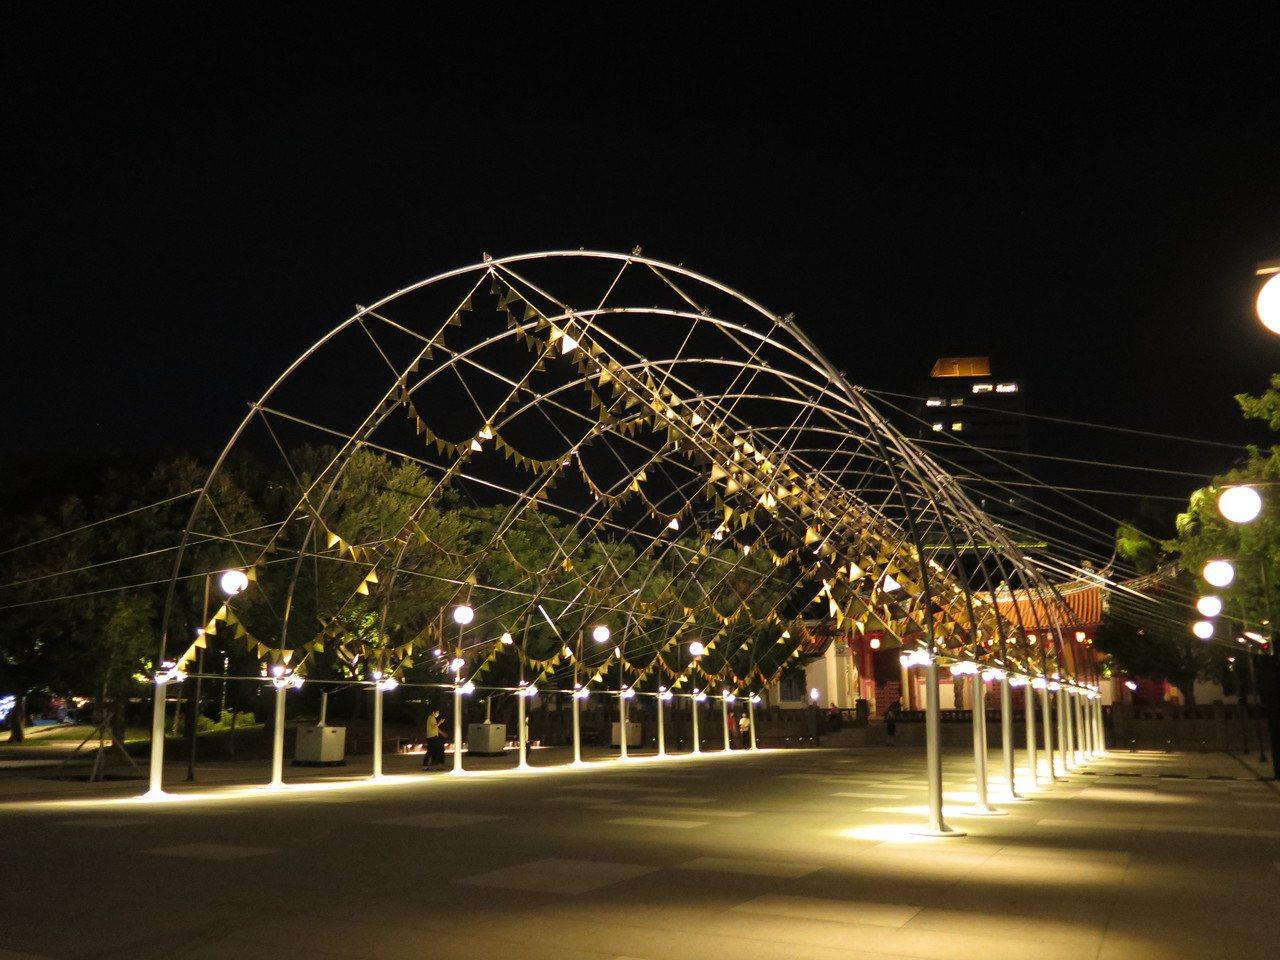 新竹公園的光臨藝術節展品與燈飾不少,來到新竹孔廟還有「嘉年華」藝術品。 圖/張裕...